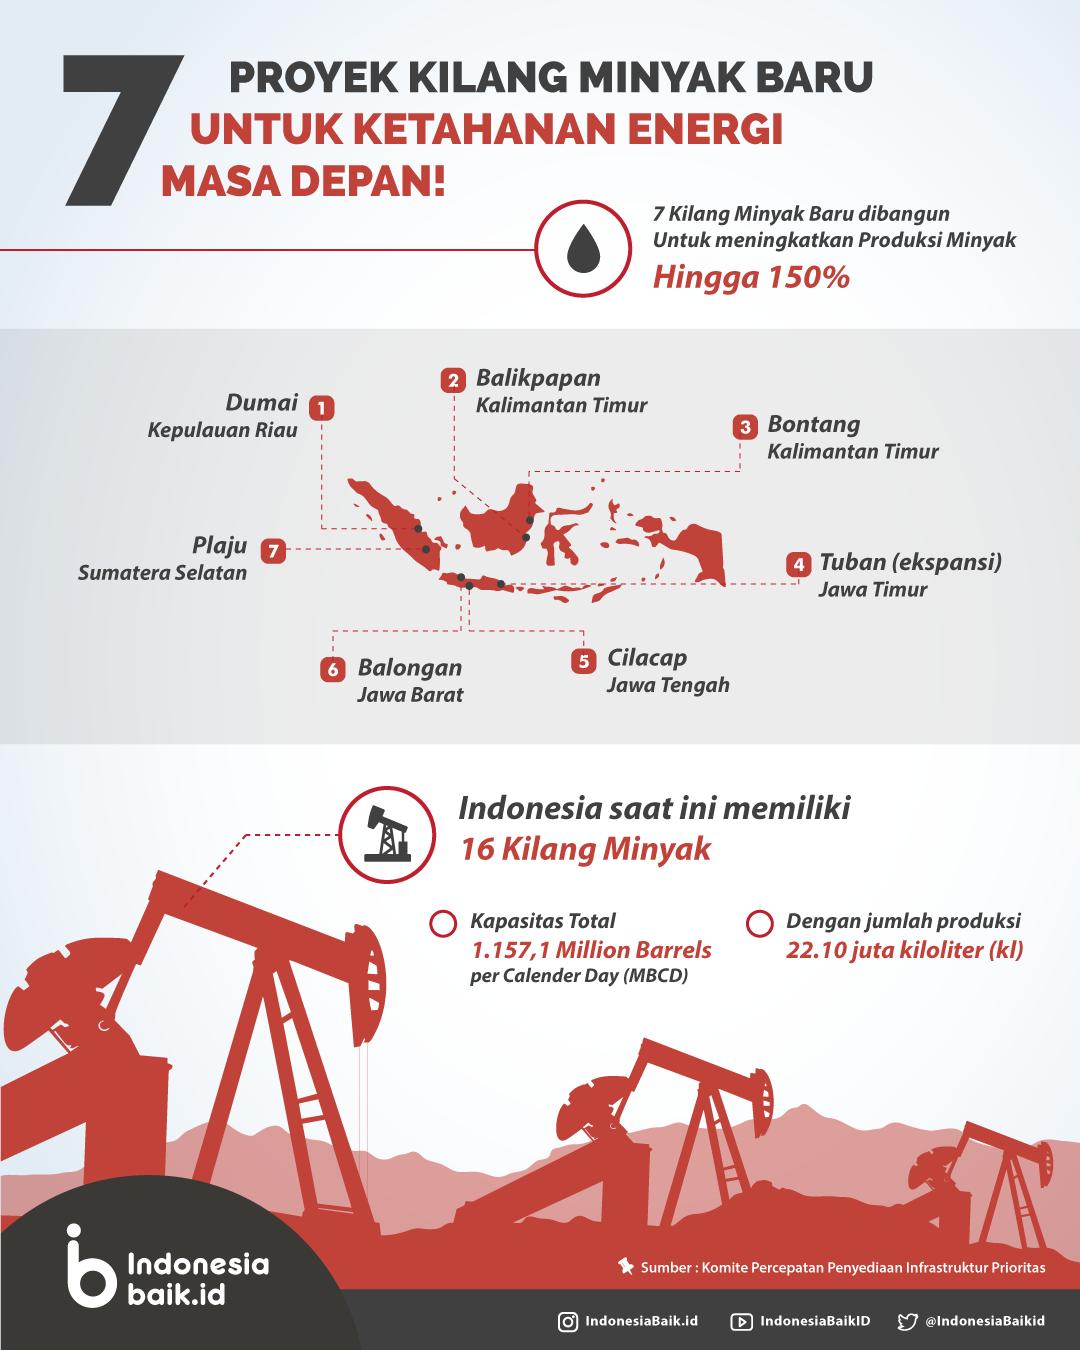 Kilang Minyak Baru Jaga Ketahanan Energi Indonesia Indonesia Baik Kilang Minyak Energi Infografis